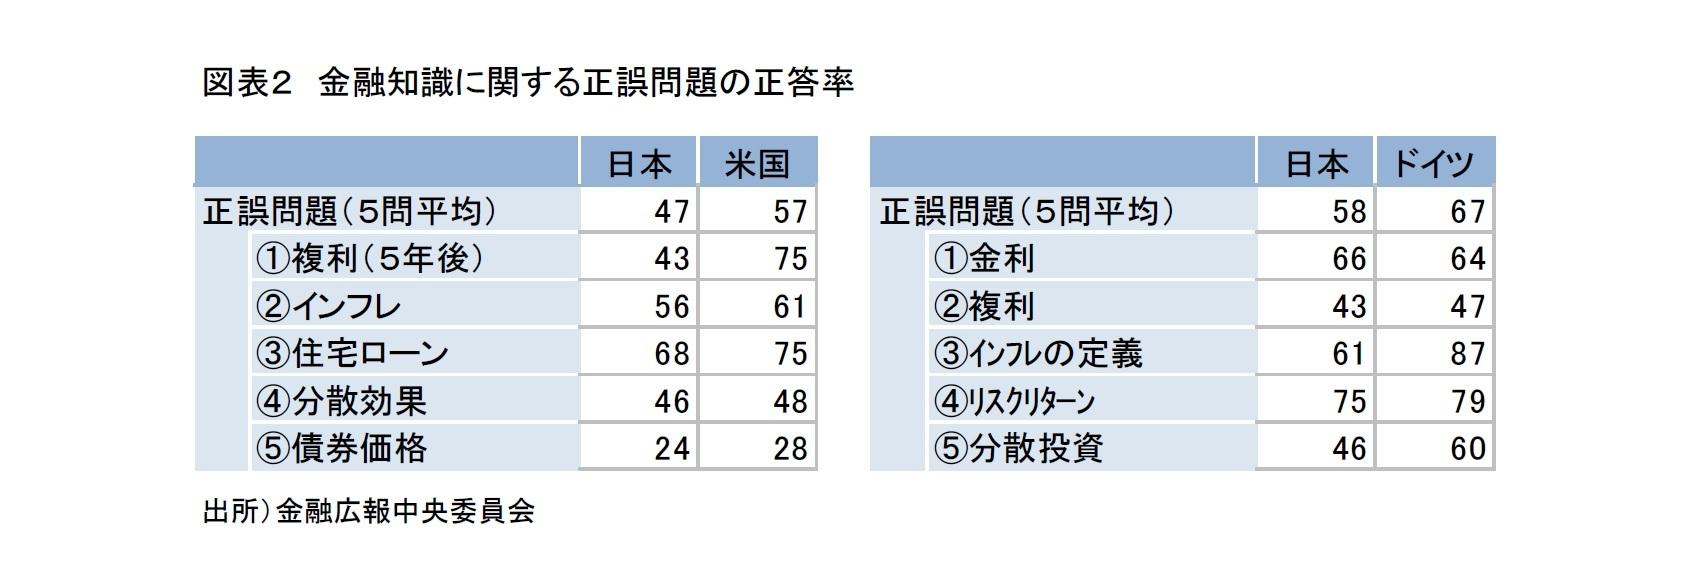 図表2 金融知識に関する正誤問題の正答率